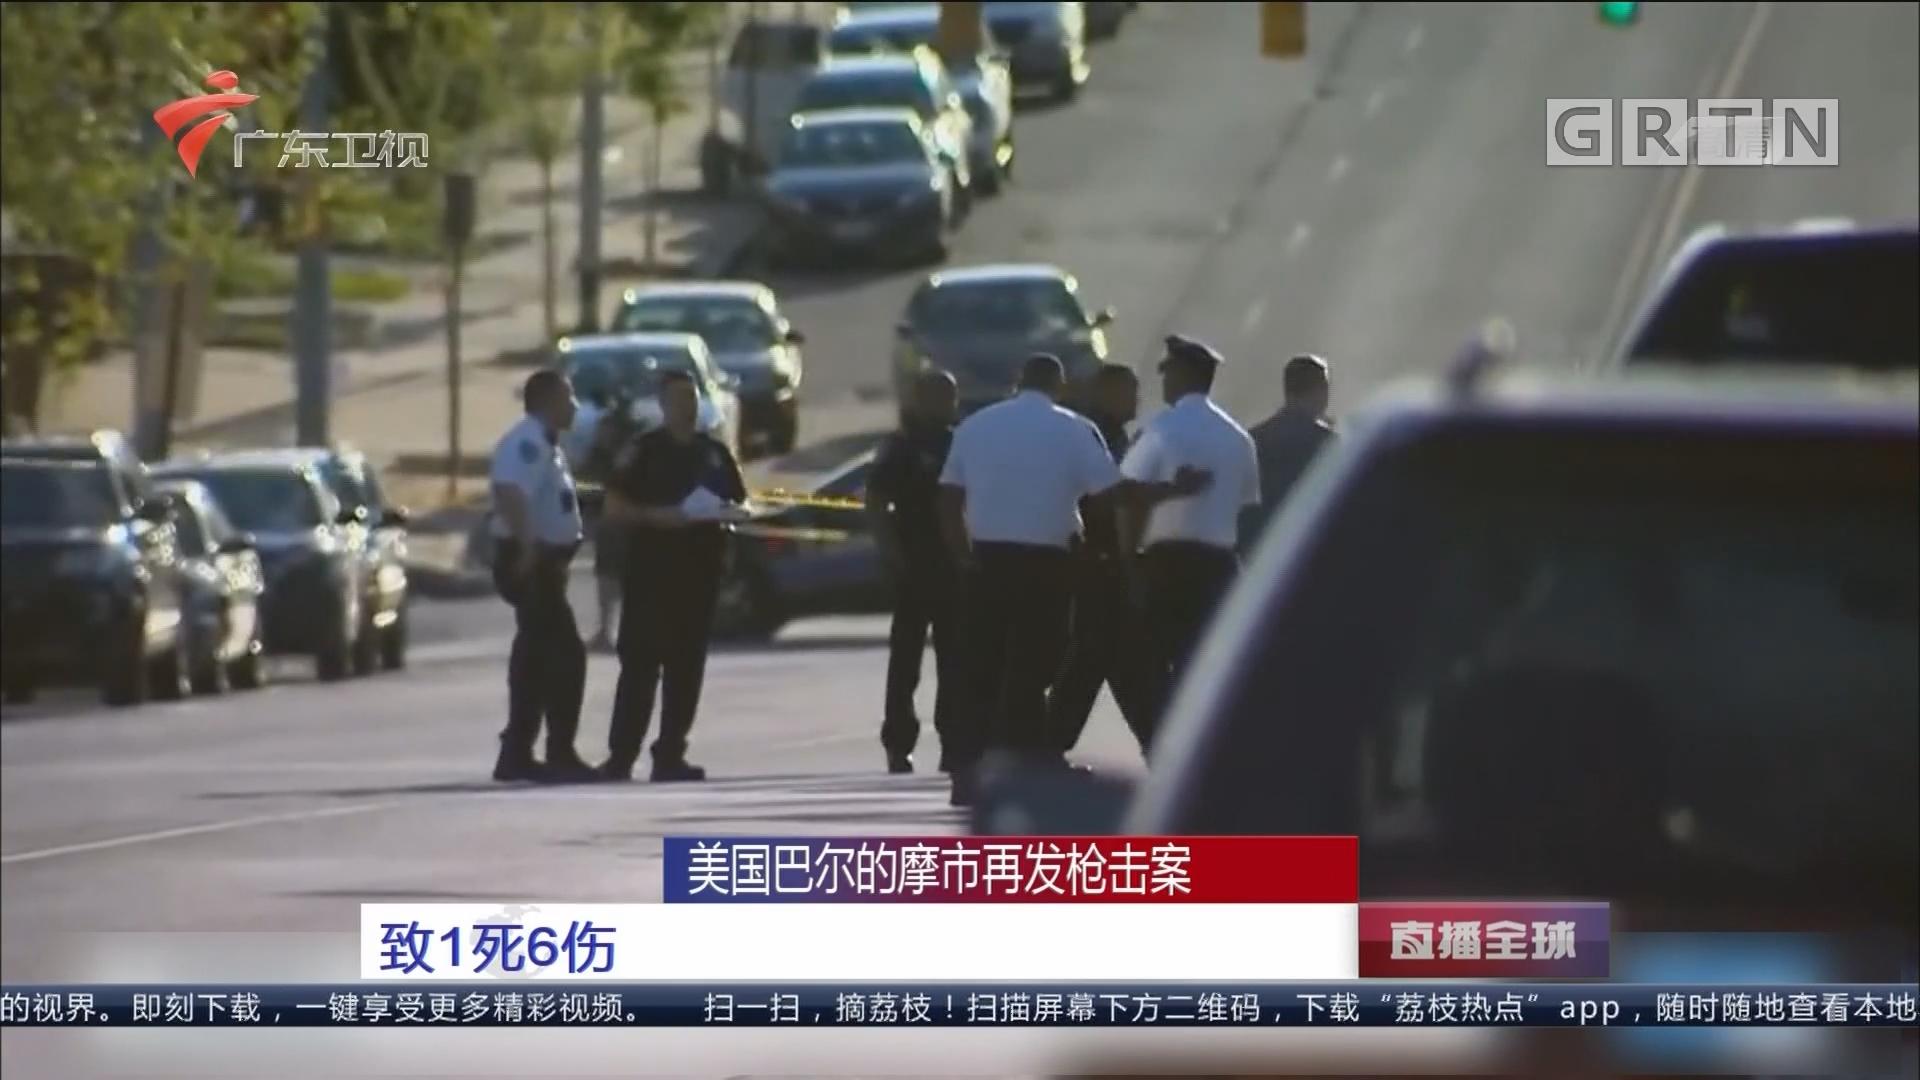 美国巴尔的摩市再发枪击案:致1死6伤